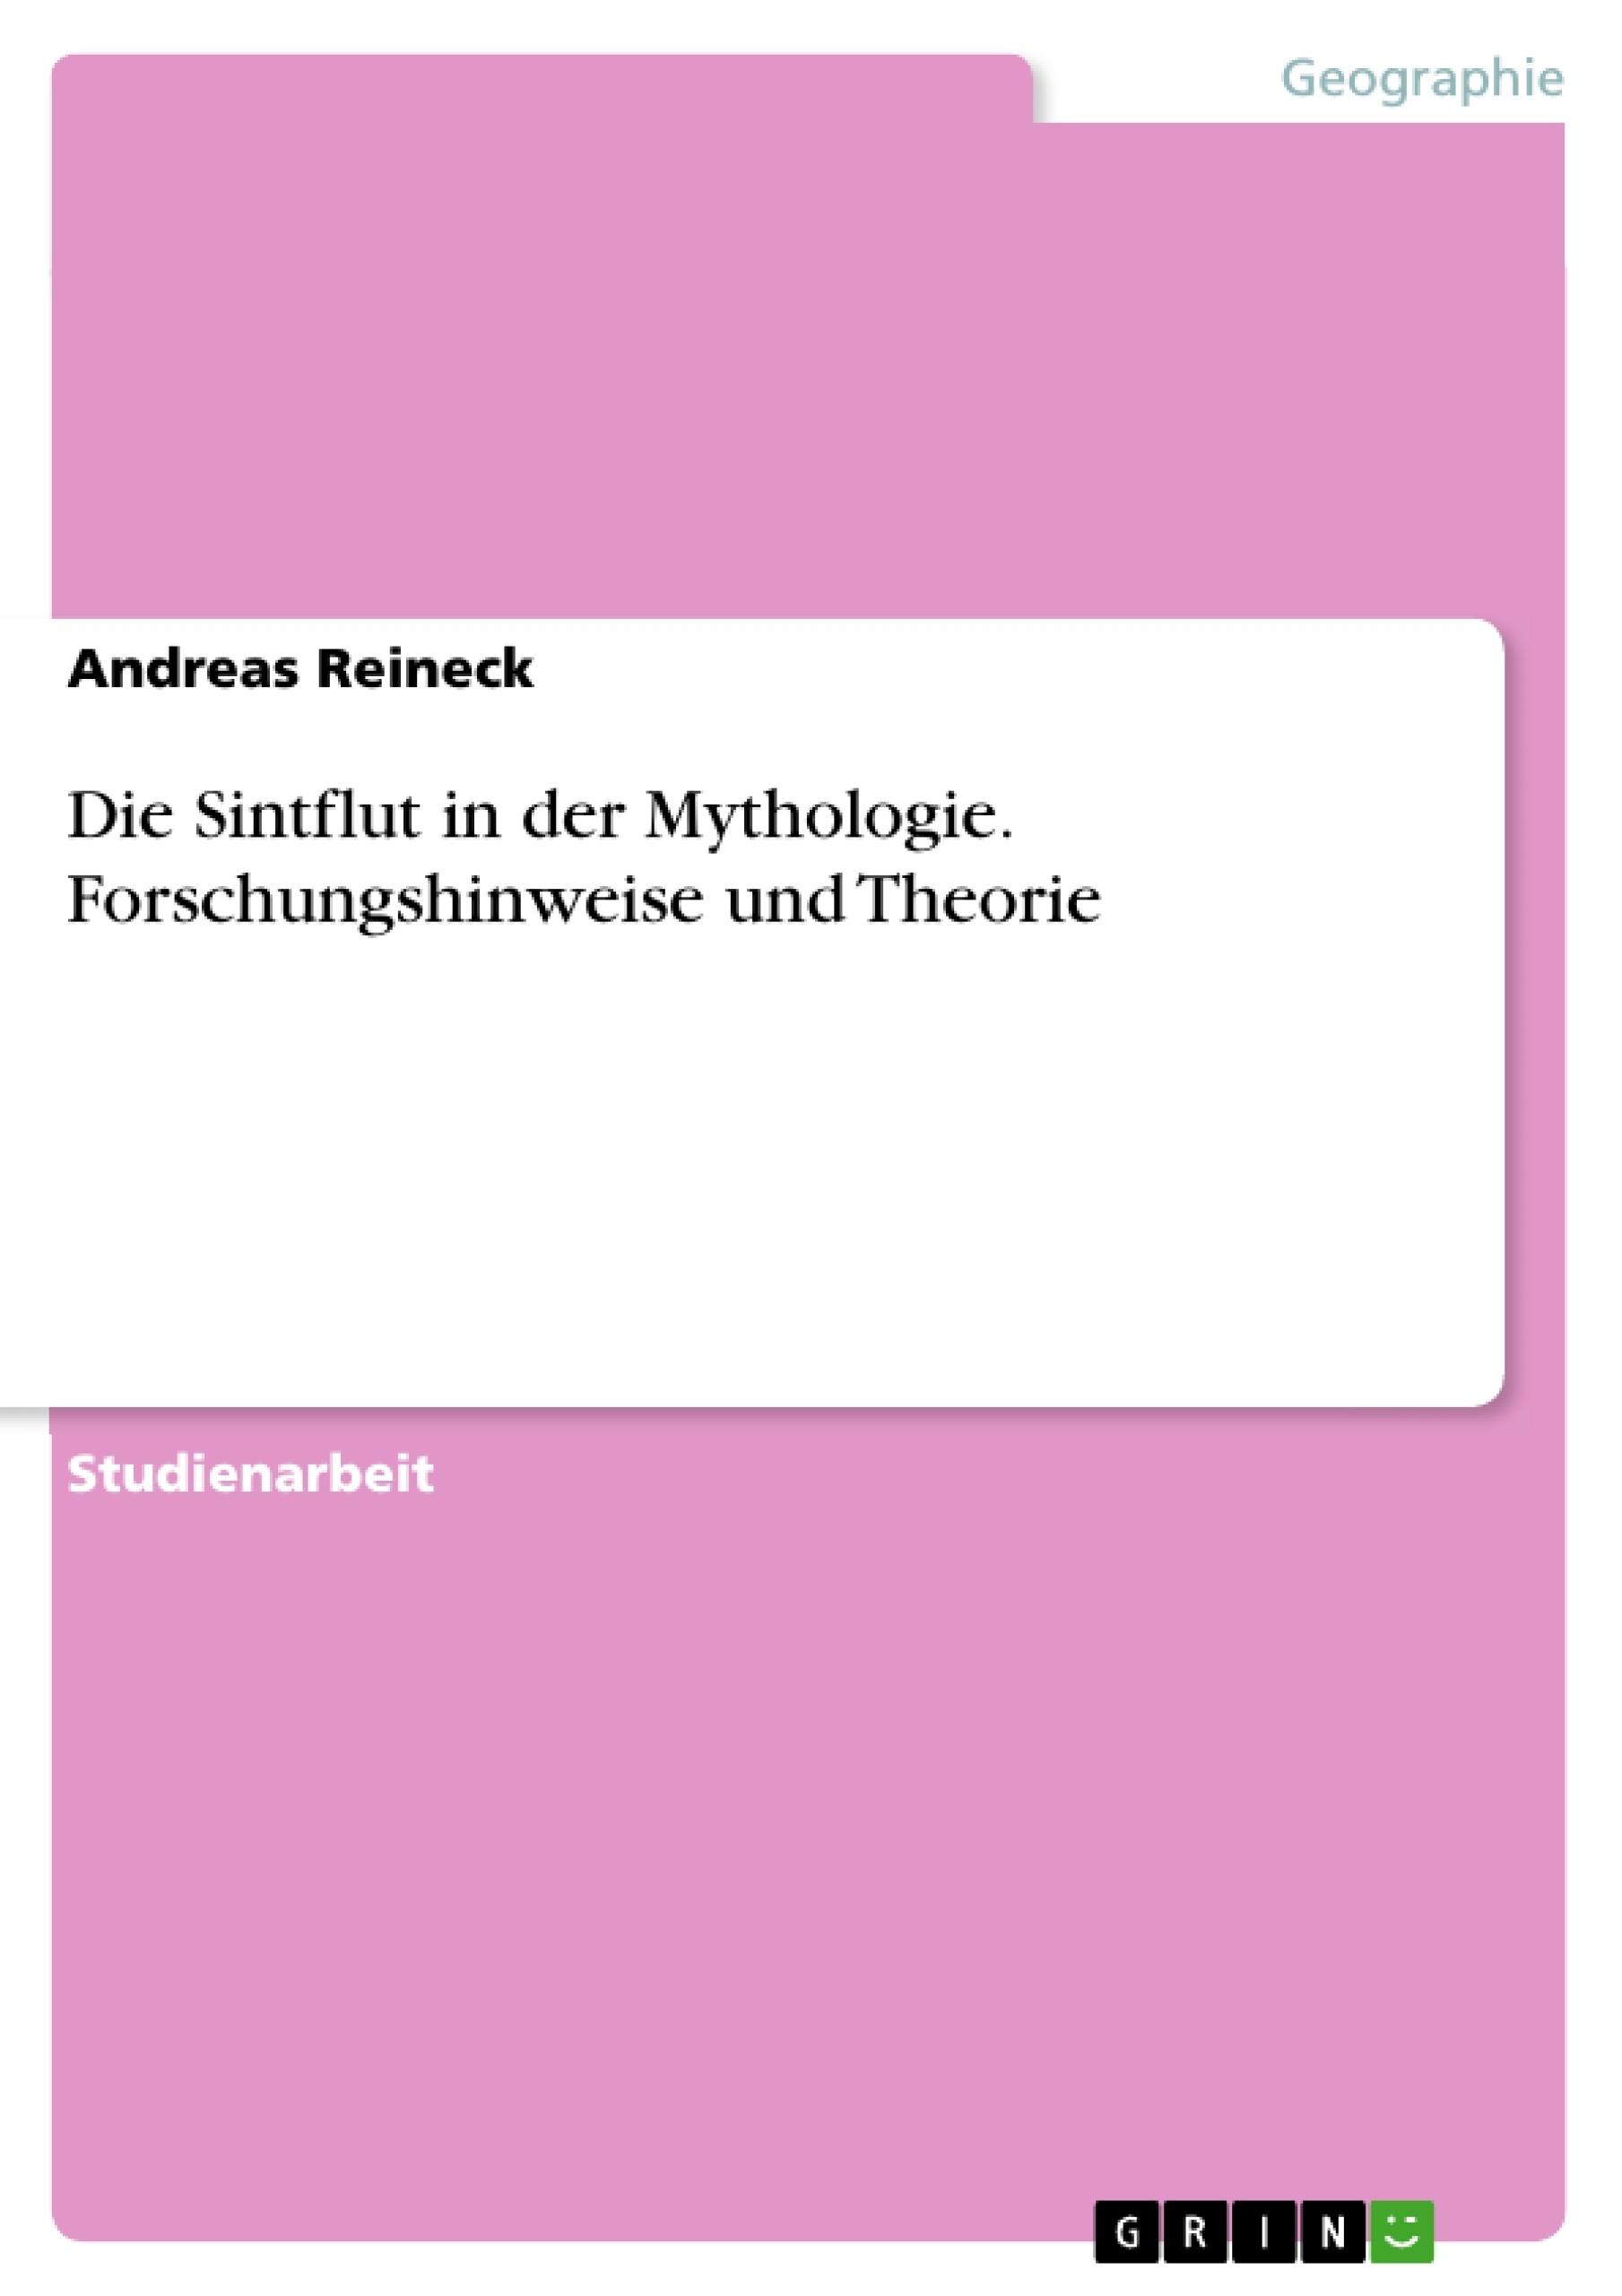 Titel: Die Sintflut in der Mythologie. Forschungshinweise und Theorie